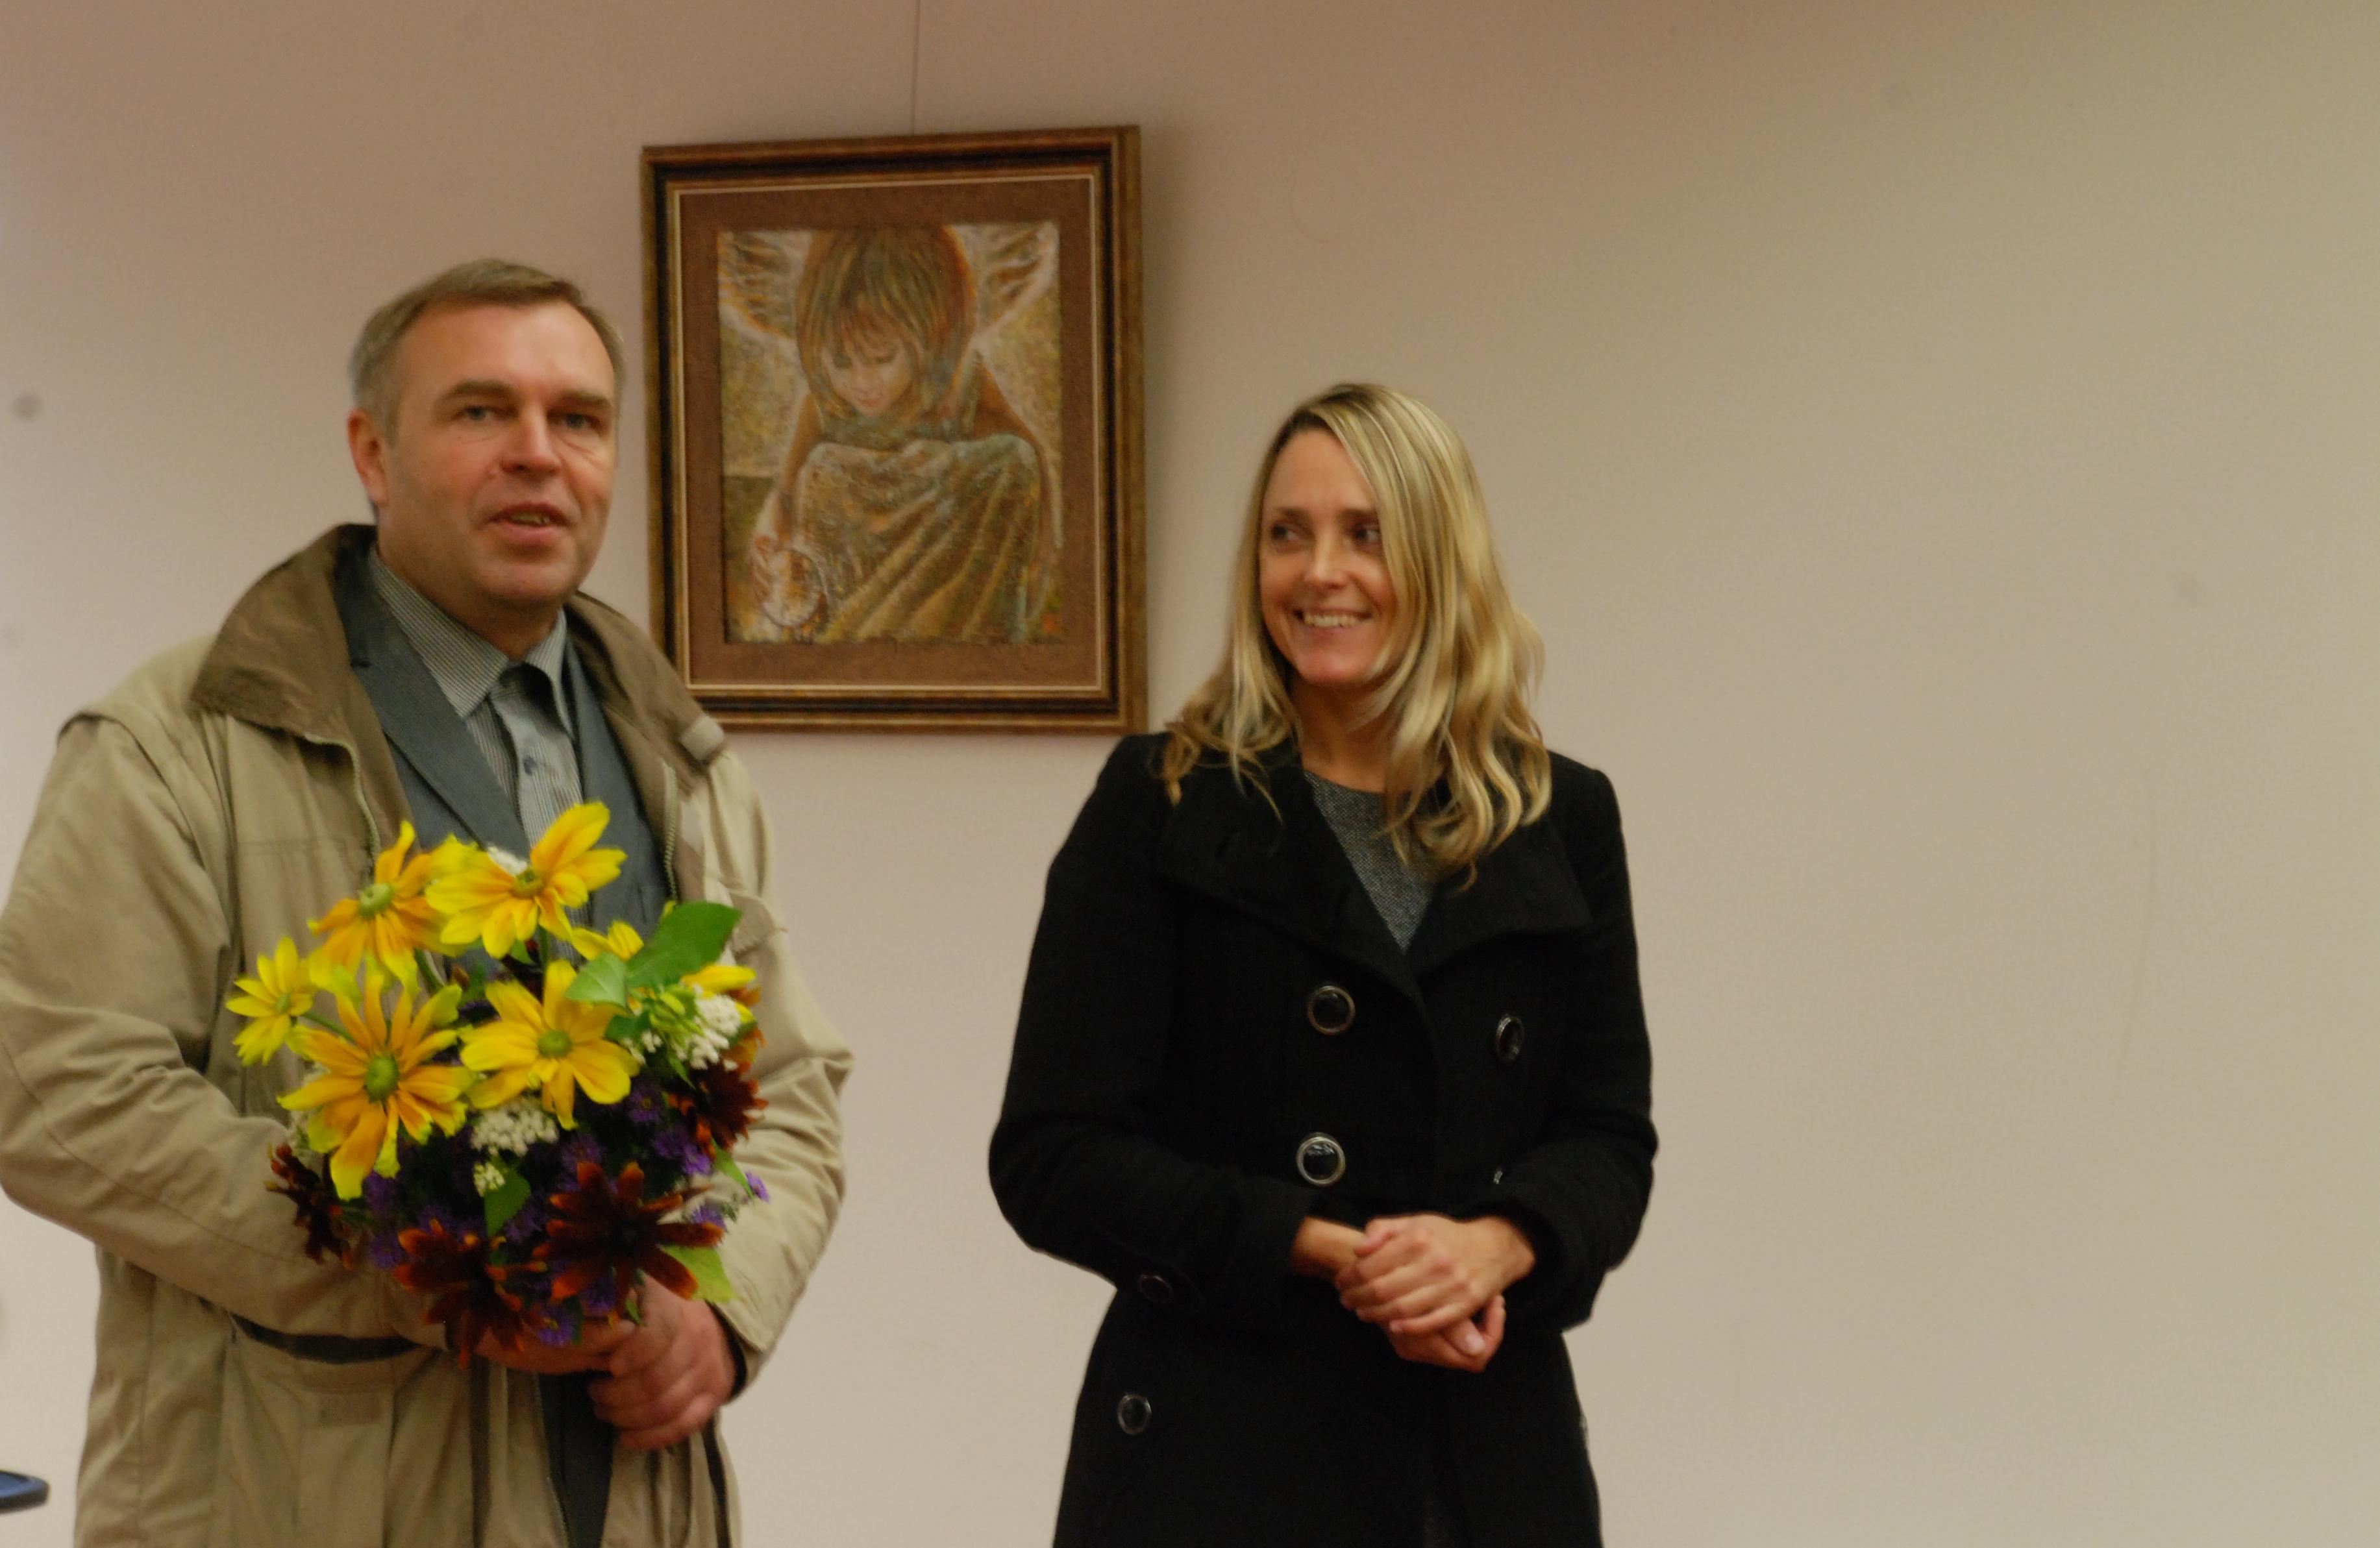 Eurikos Urbonaviciutes tapybos paroda 2012 m (1)